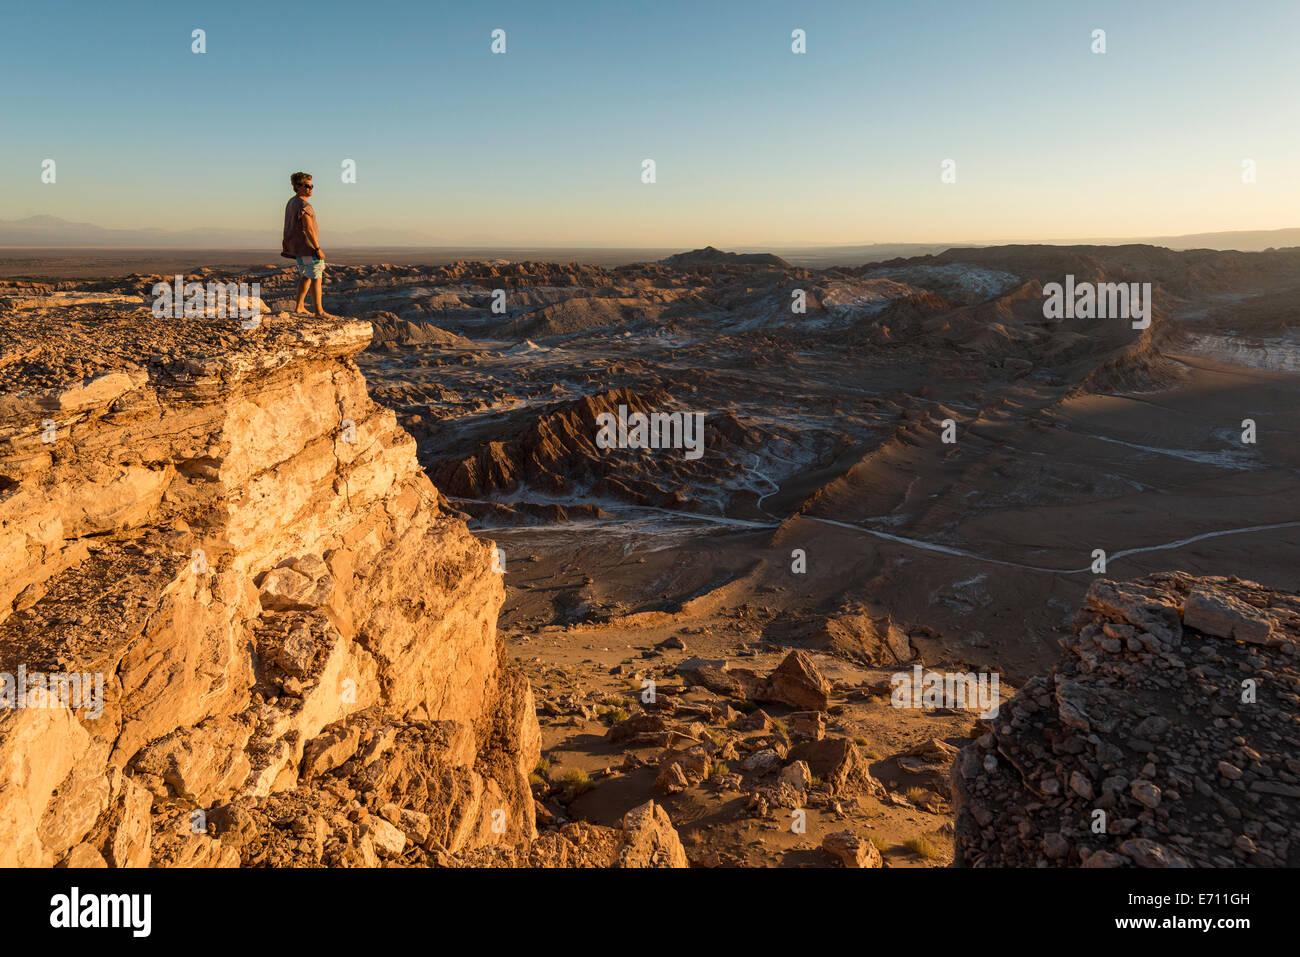 L'homme sur falaise, Valle de la Luna (vallée de la lune), Désert d'Atacama, El Norte Grande, Photo Stock